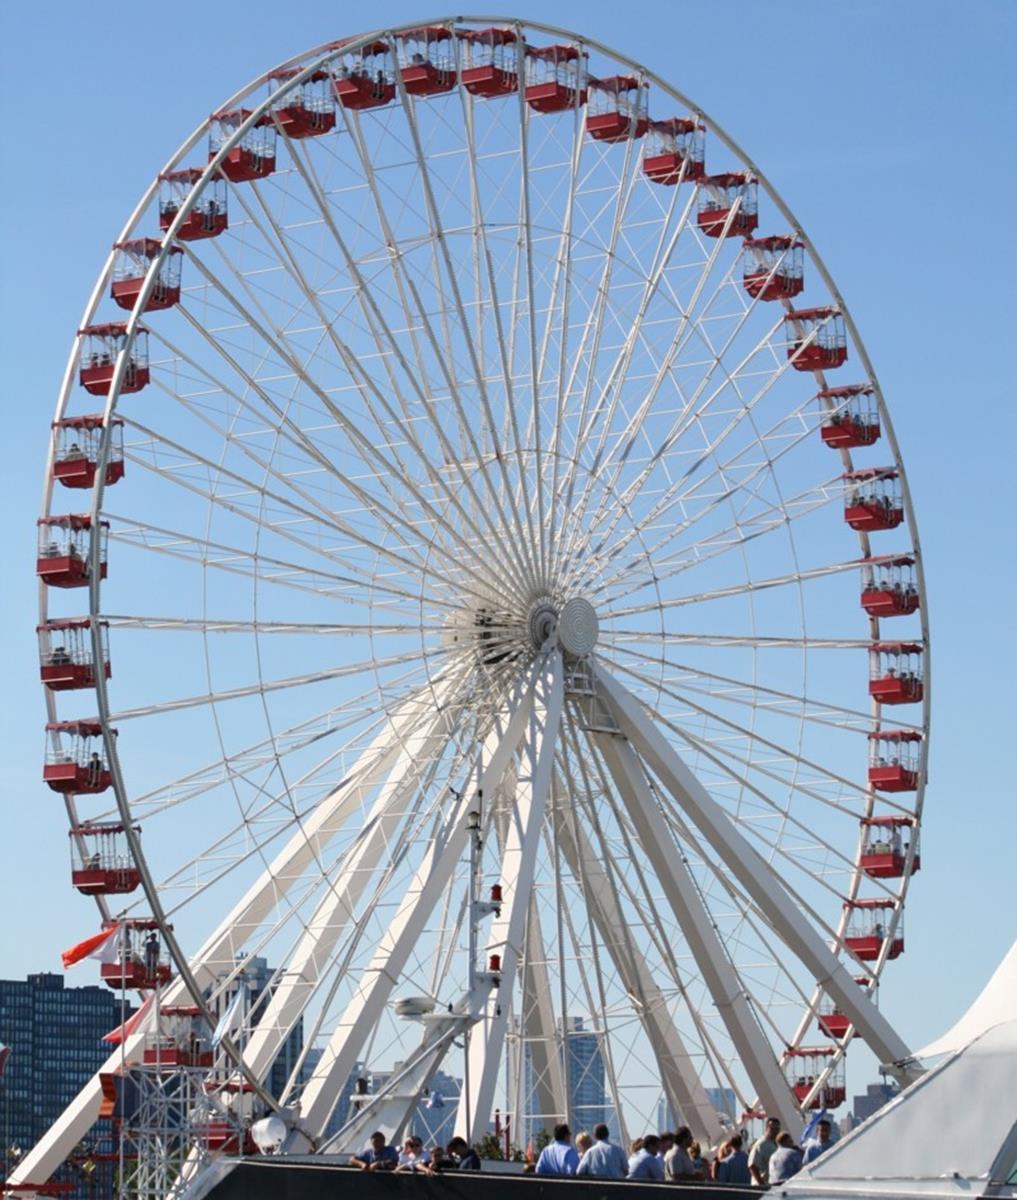 Giant Wheel @ Navy Pier. Credit